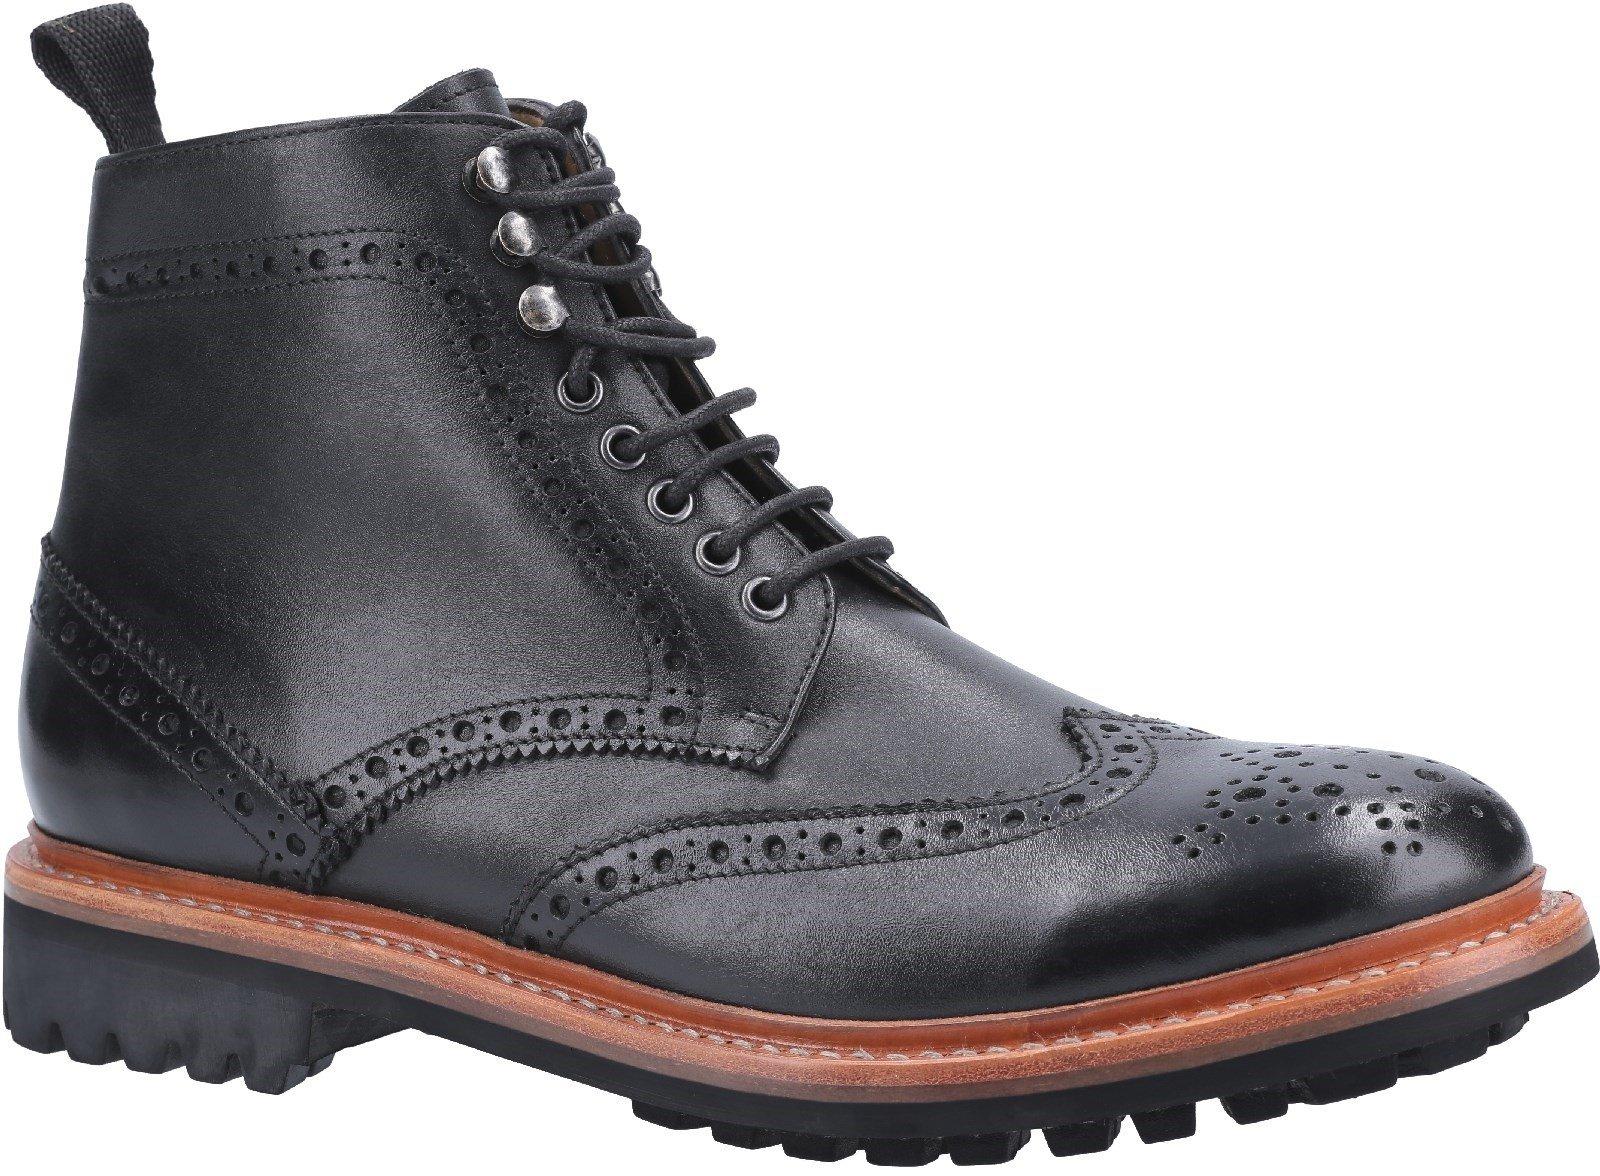 Cotswold Men's Rissington Commando Goodyear Welt Lace Up Boot Various Colours 29261 - Black 7